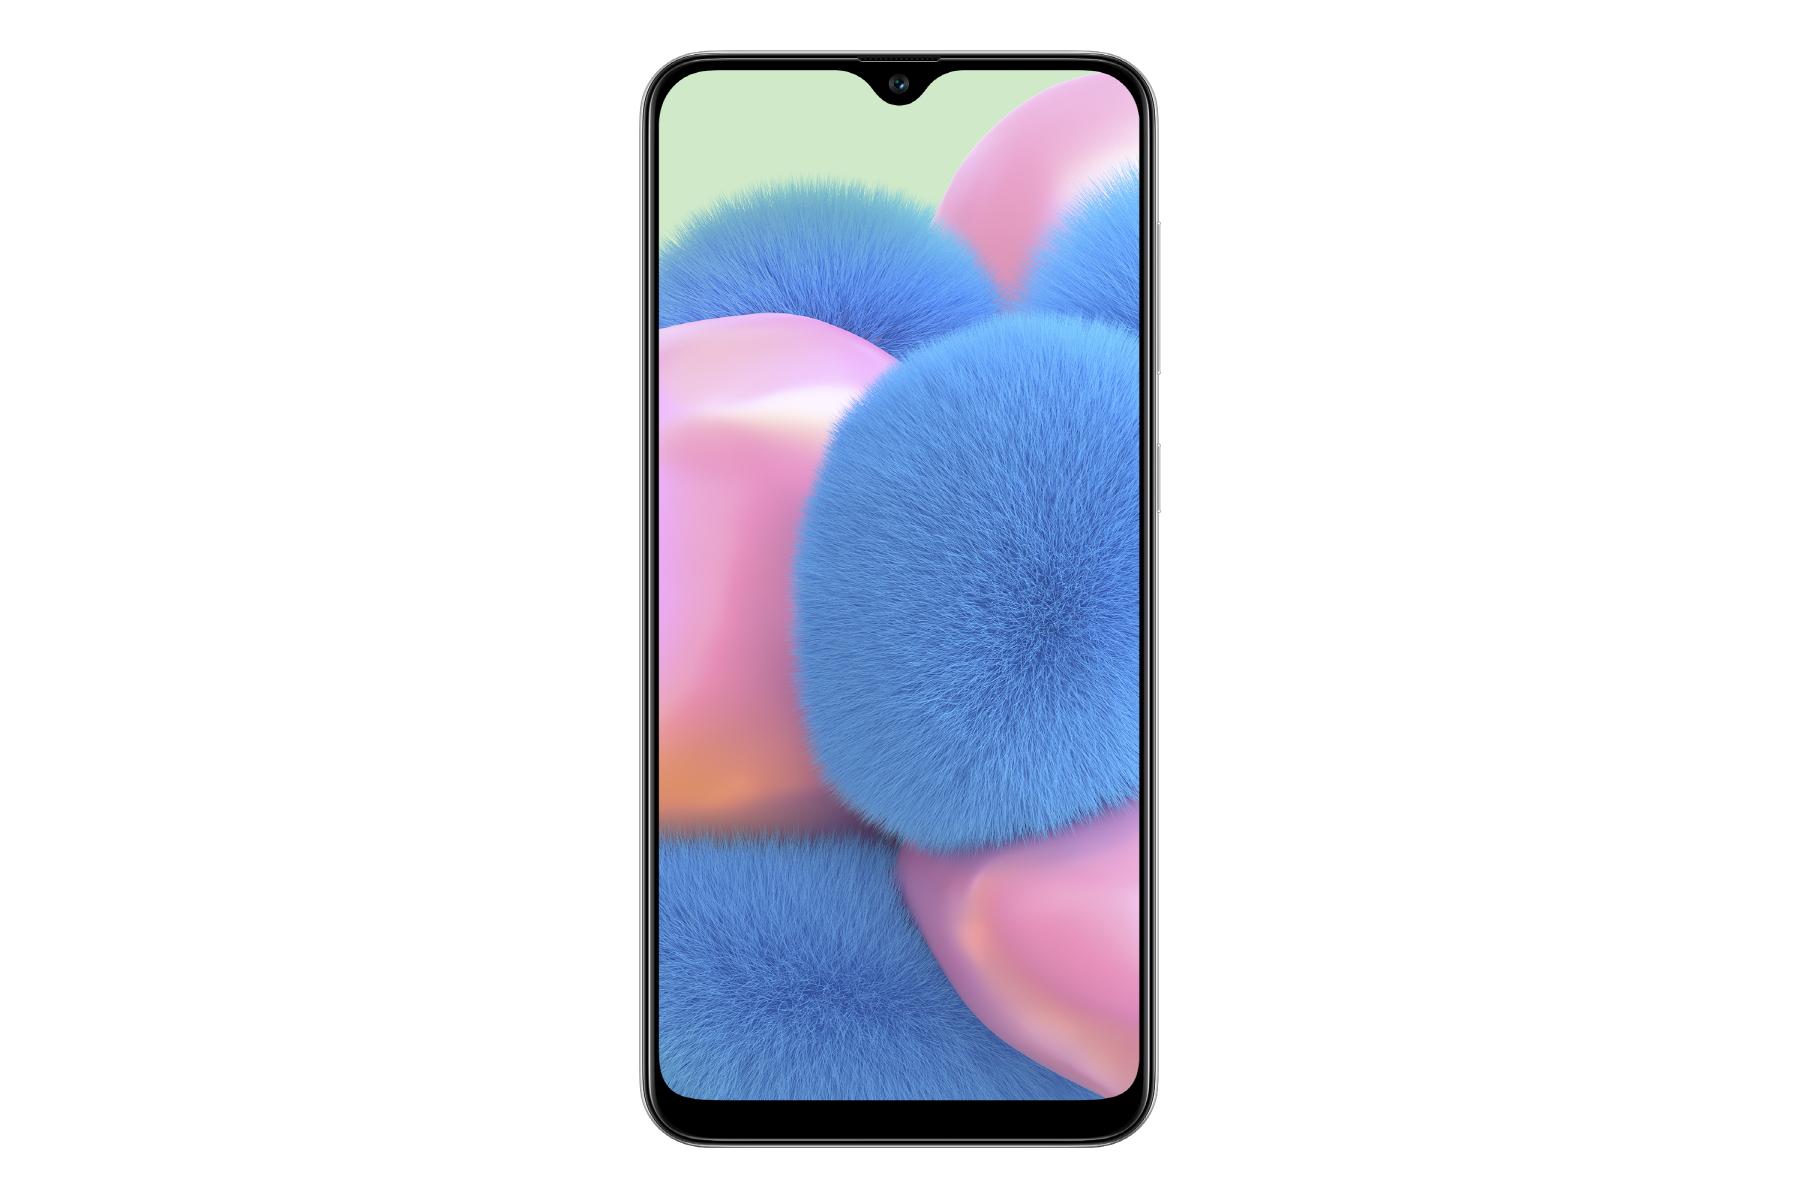 Samsung Galaxy A10s, A20 i J7 Prime dosta³y listopadowe aktualizacje zabezpieczeñ